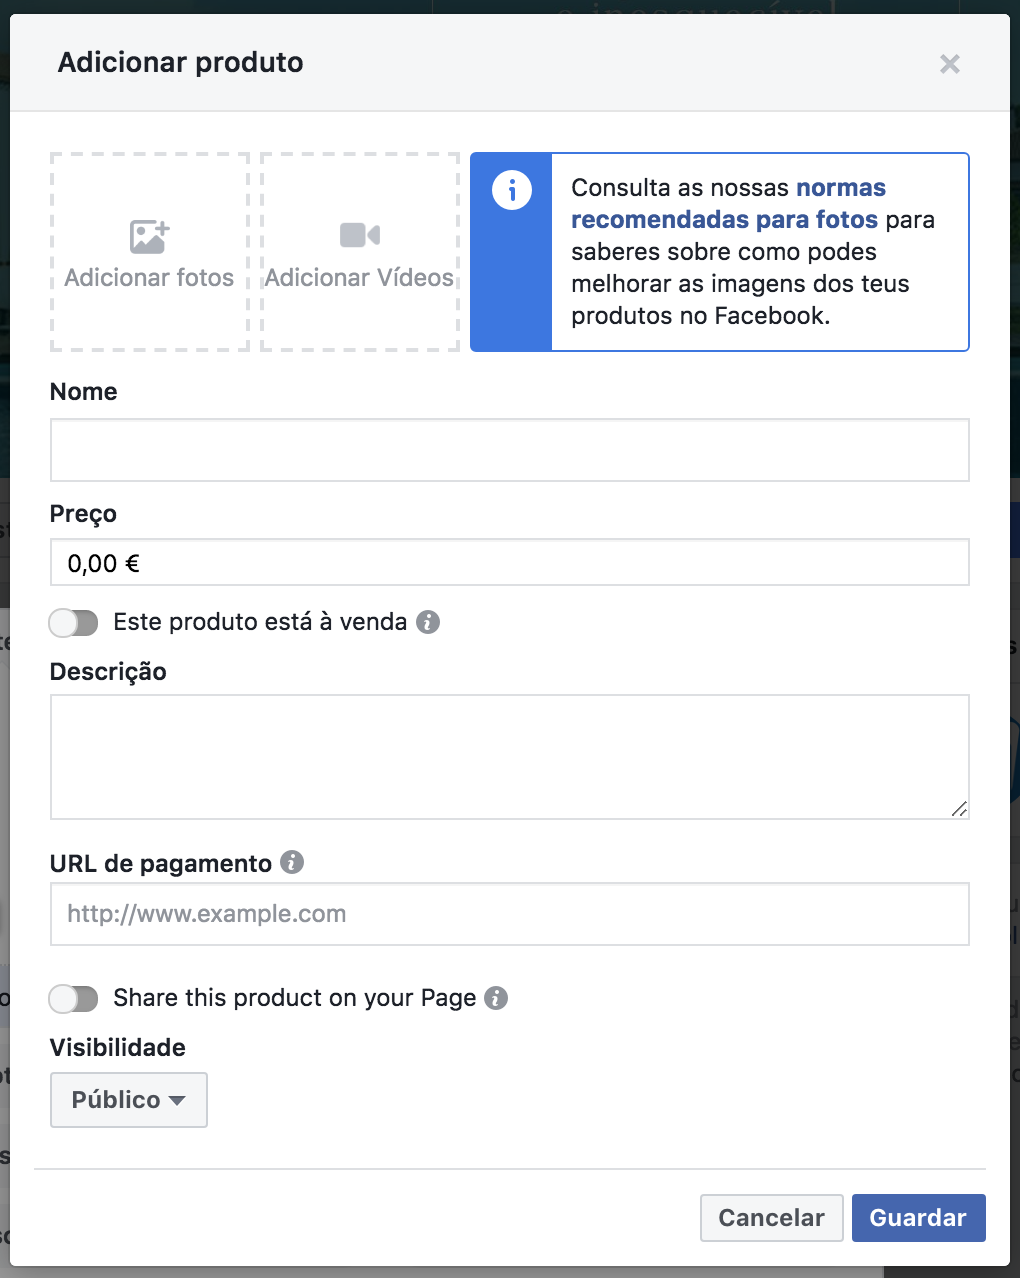 Identificar produtos no Facebook